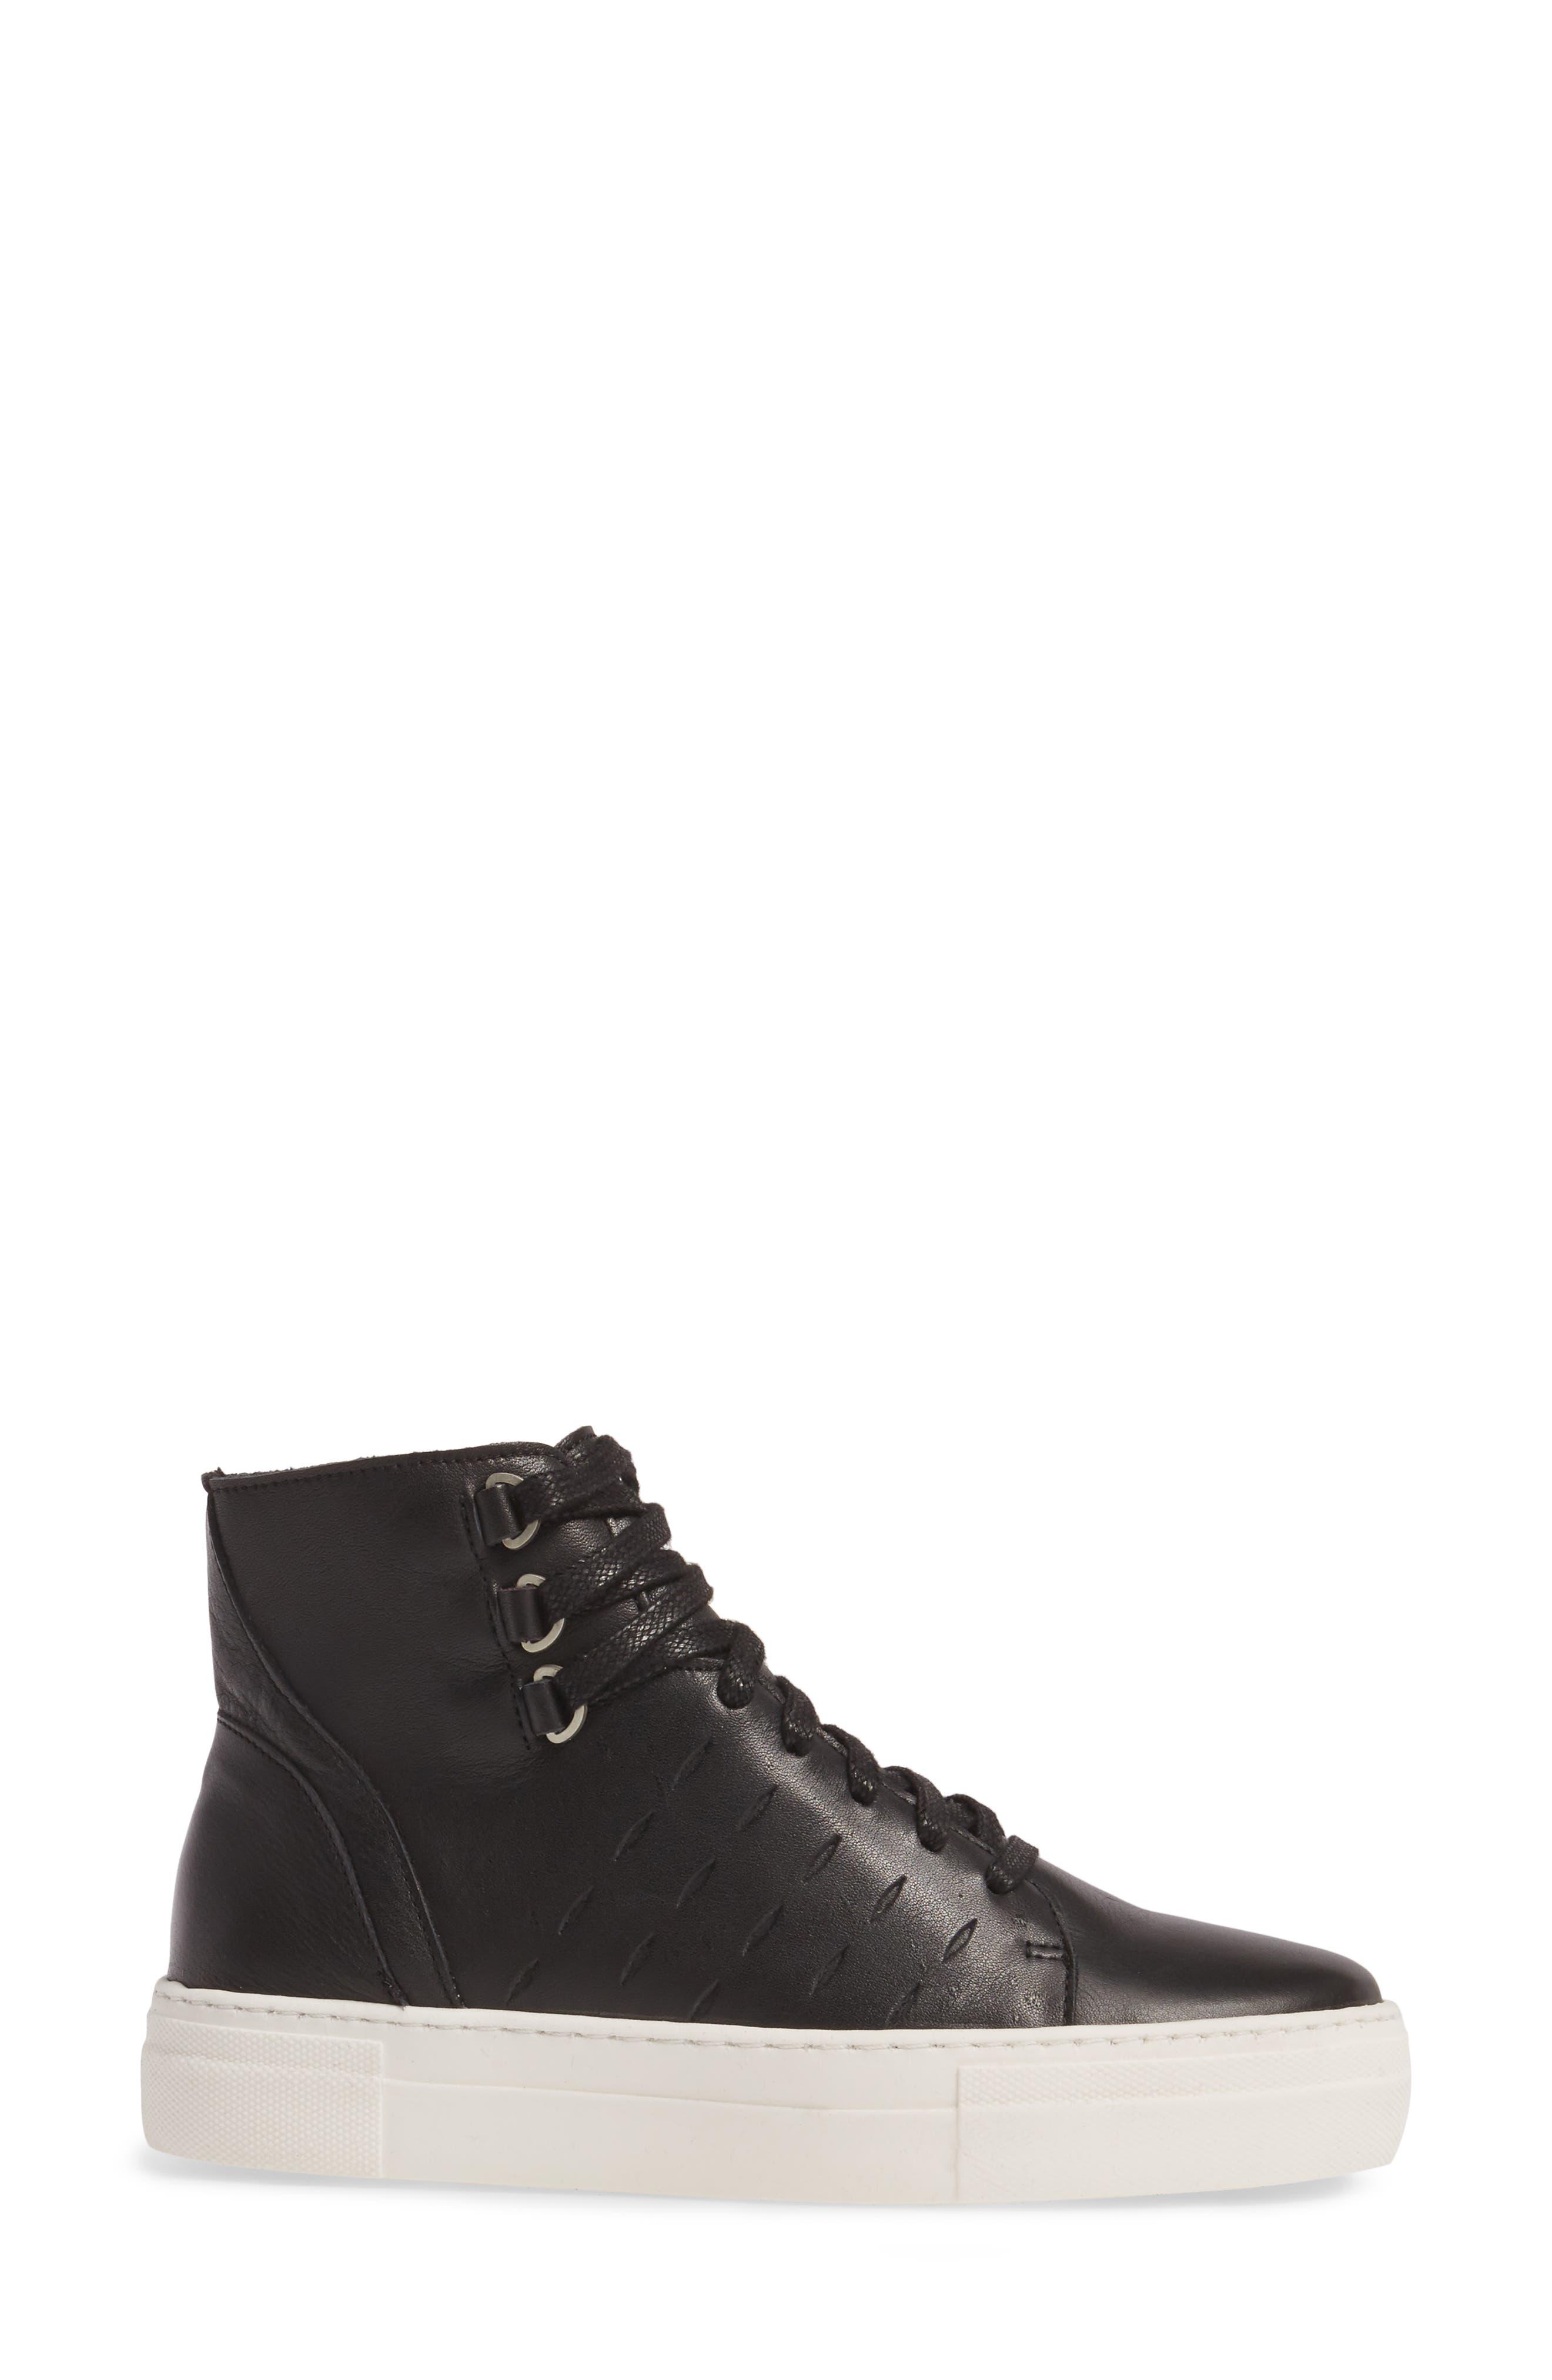 Modern High Top Sneaker,                             Alternate thumbnail 3, color,                             BLACK/ OFF WHITE